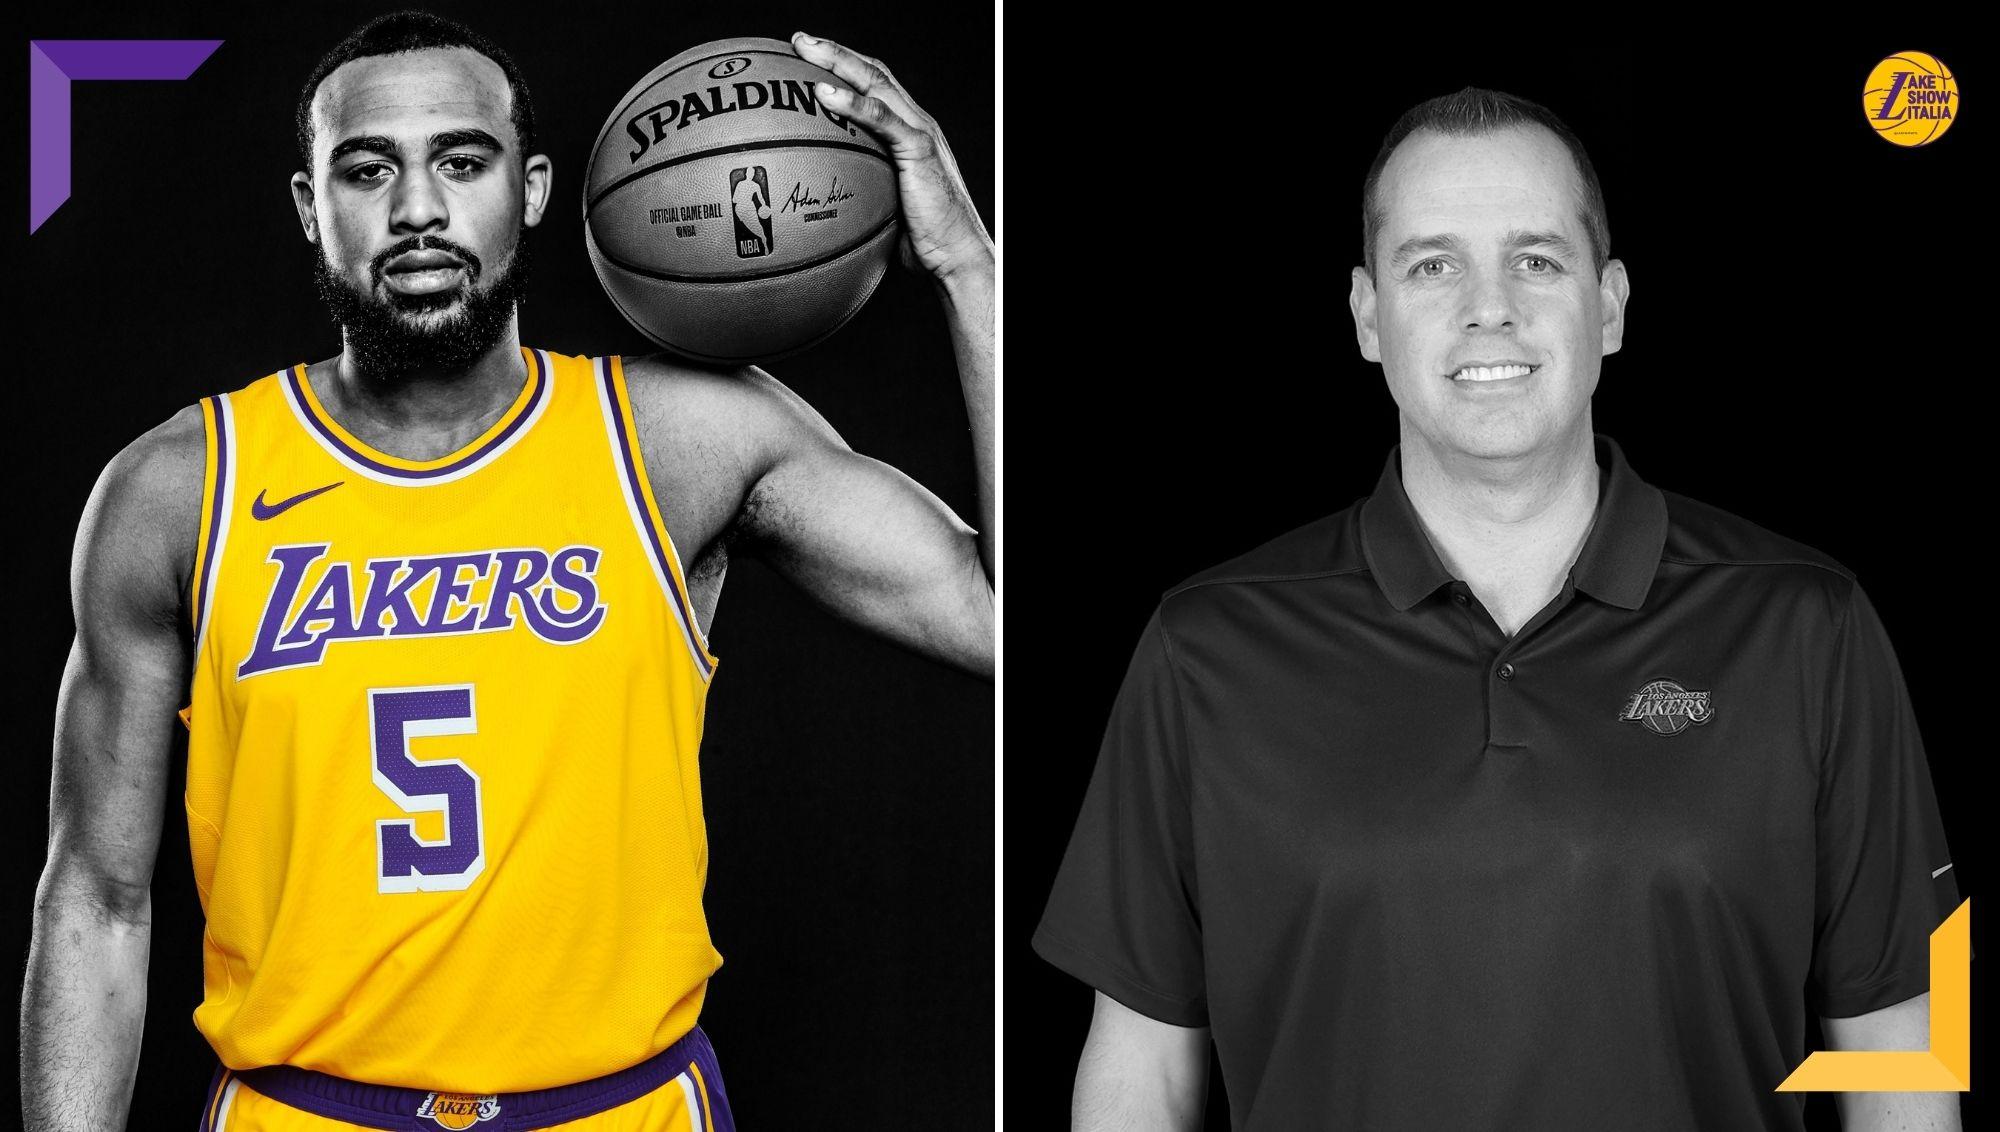 Il General Manager Rob Pelinka ha ufficializzato i rinnovi con i Los Angeles Lakers di Talen Horton-Tucker e del coach Frank Vogel.